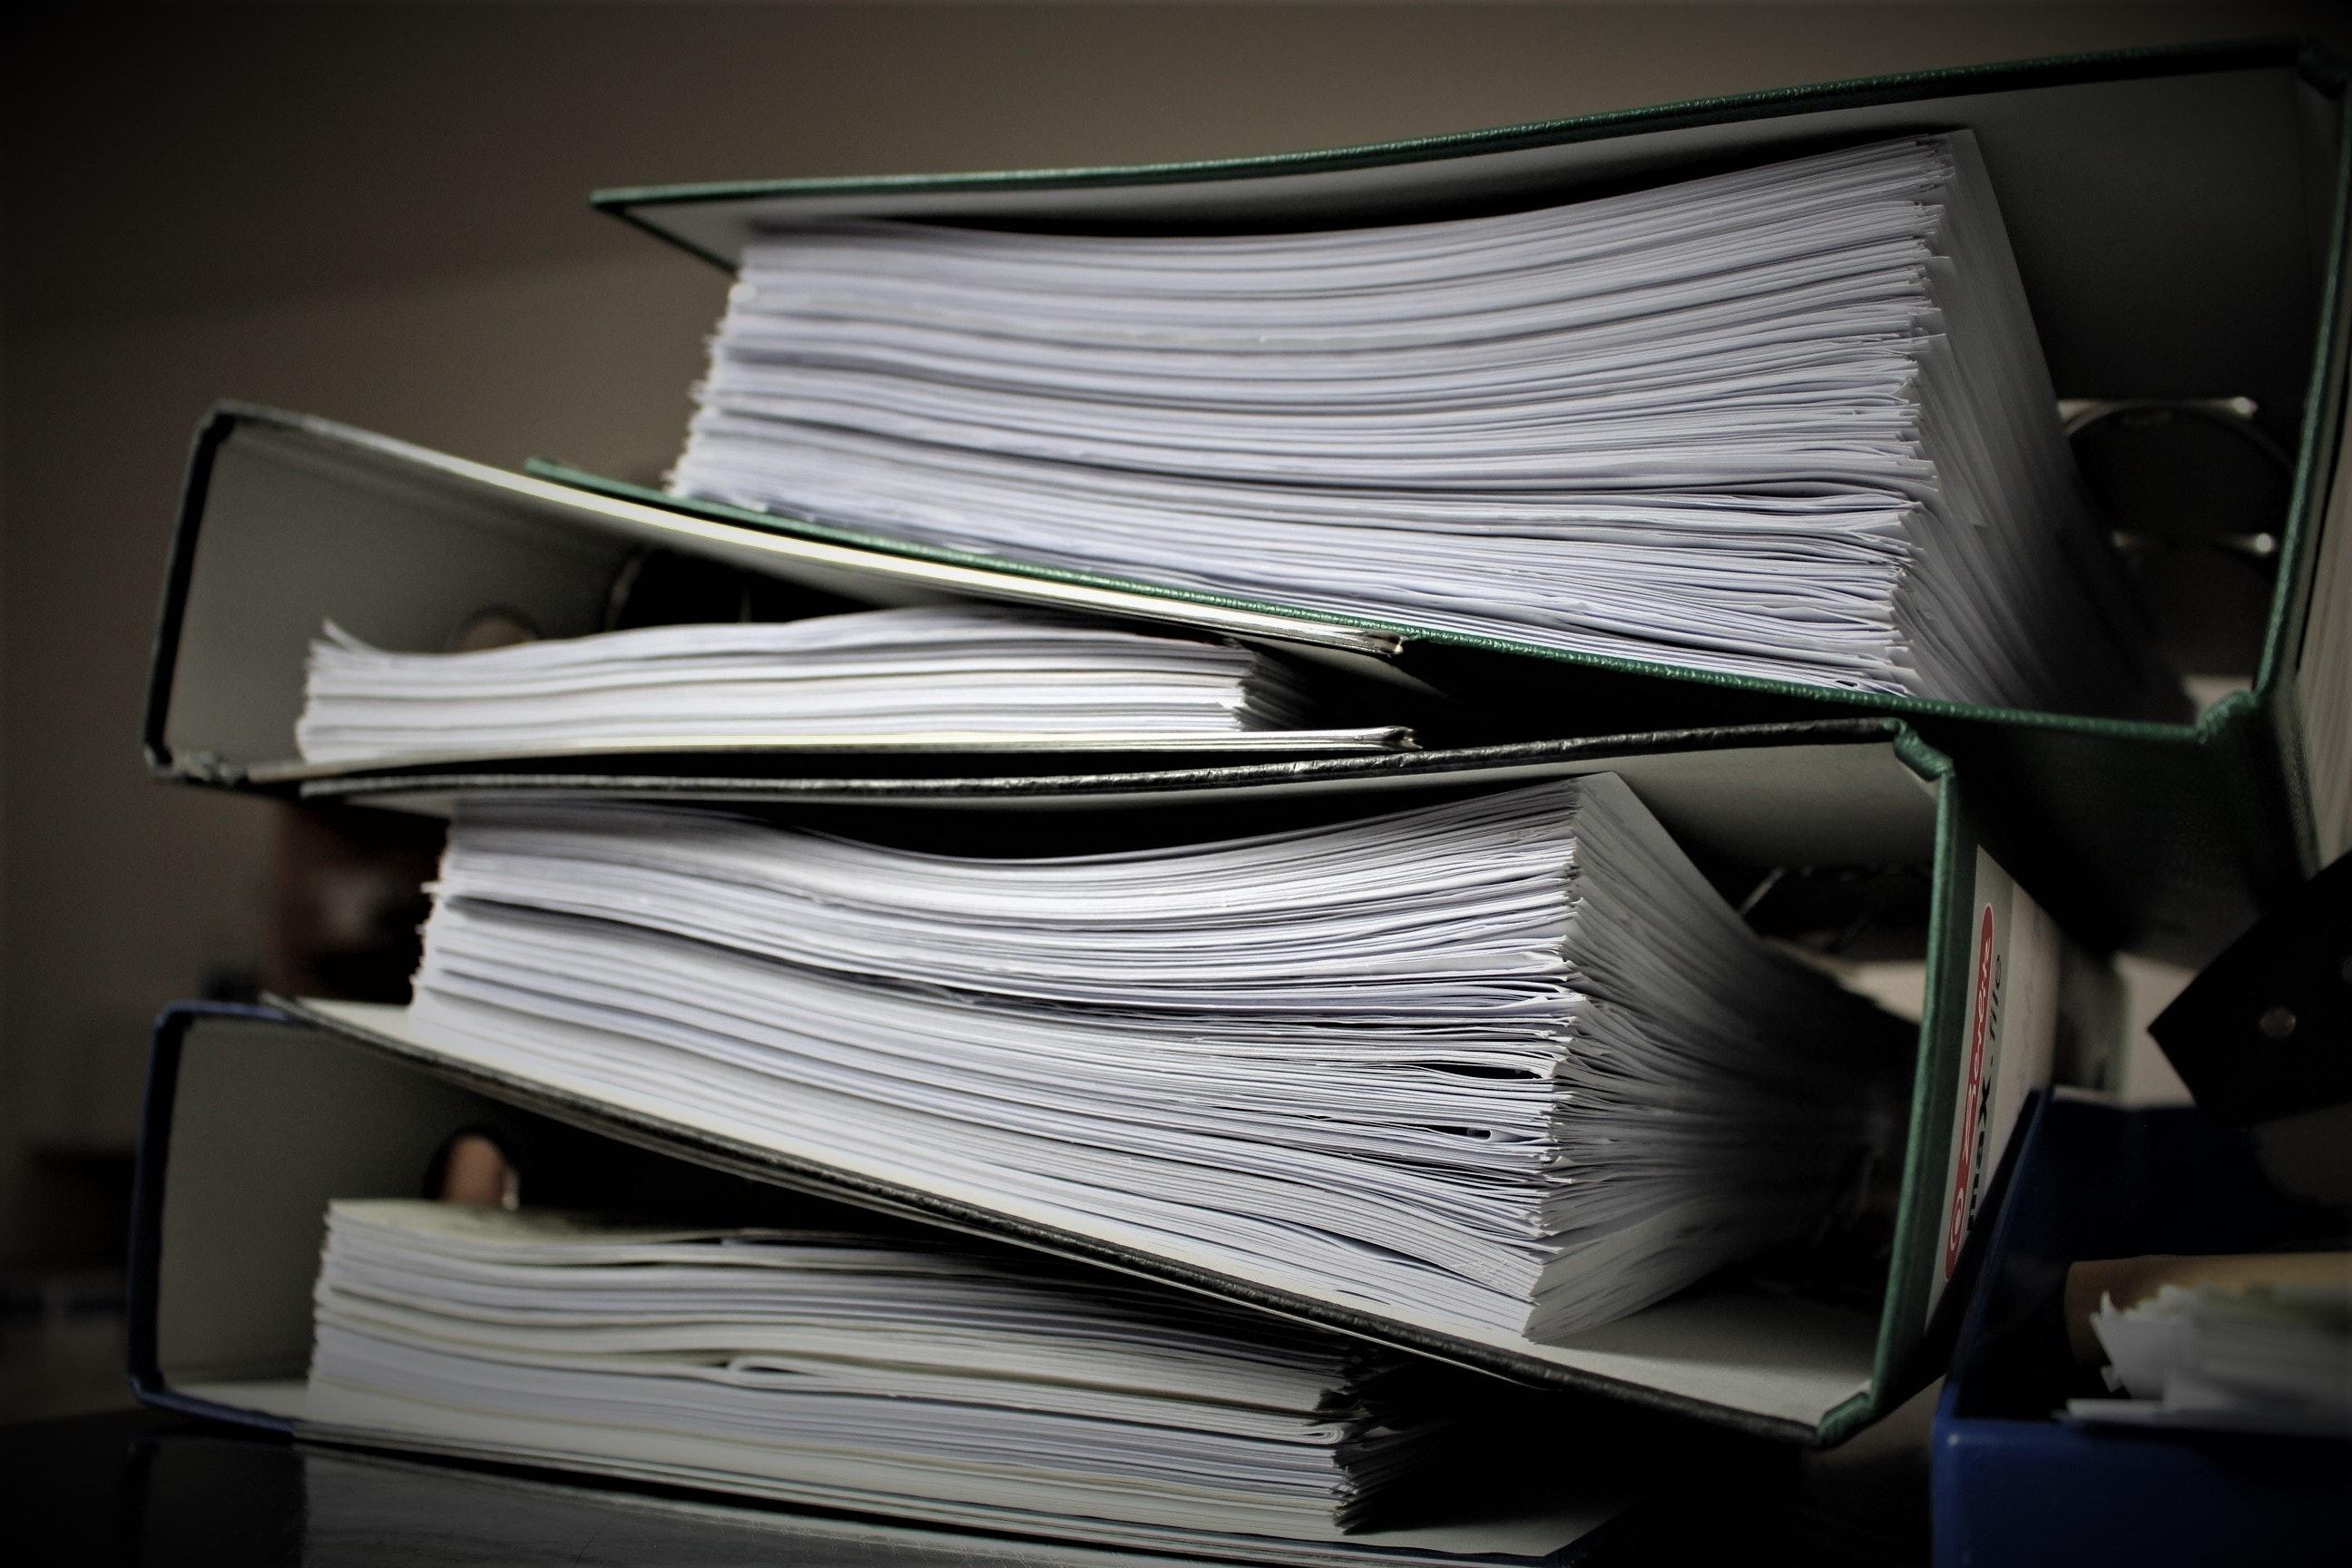 dokumenty unotariusza